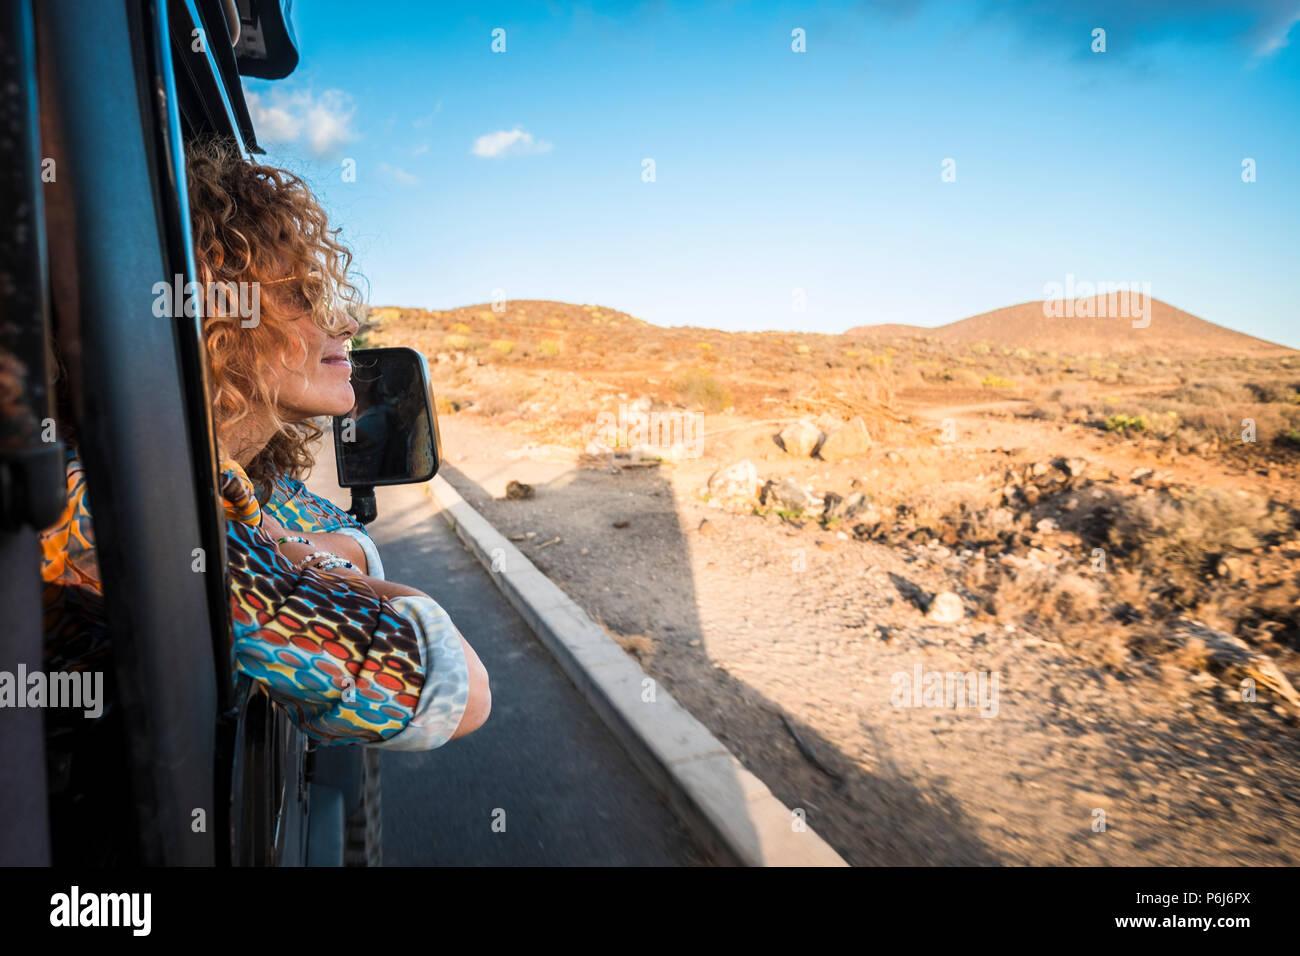 Schönen kaukasischen junge Frau mit einem off road Black Car und Suchen außerhalb der Landschaft. Wüste und Berge reisen malerische Ort für n Stockbild